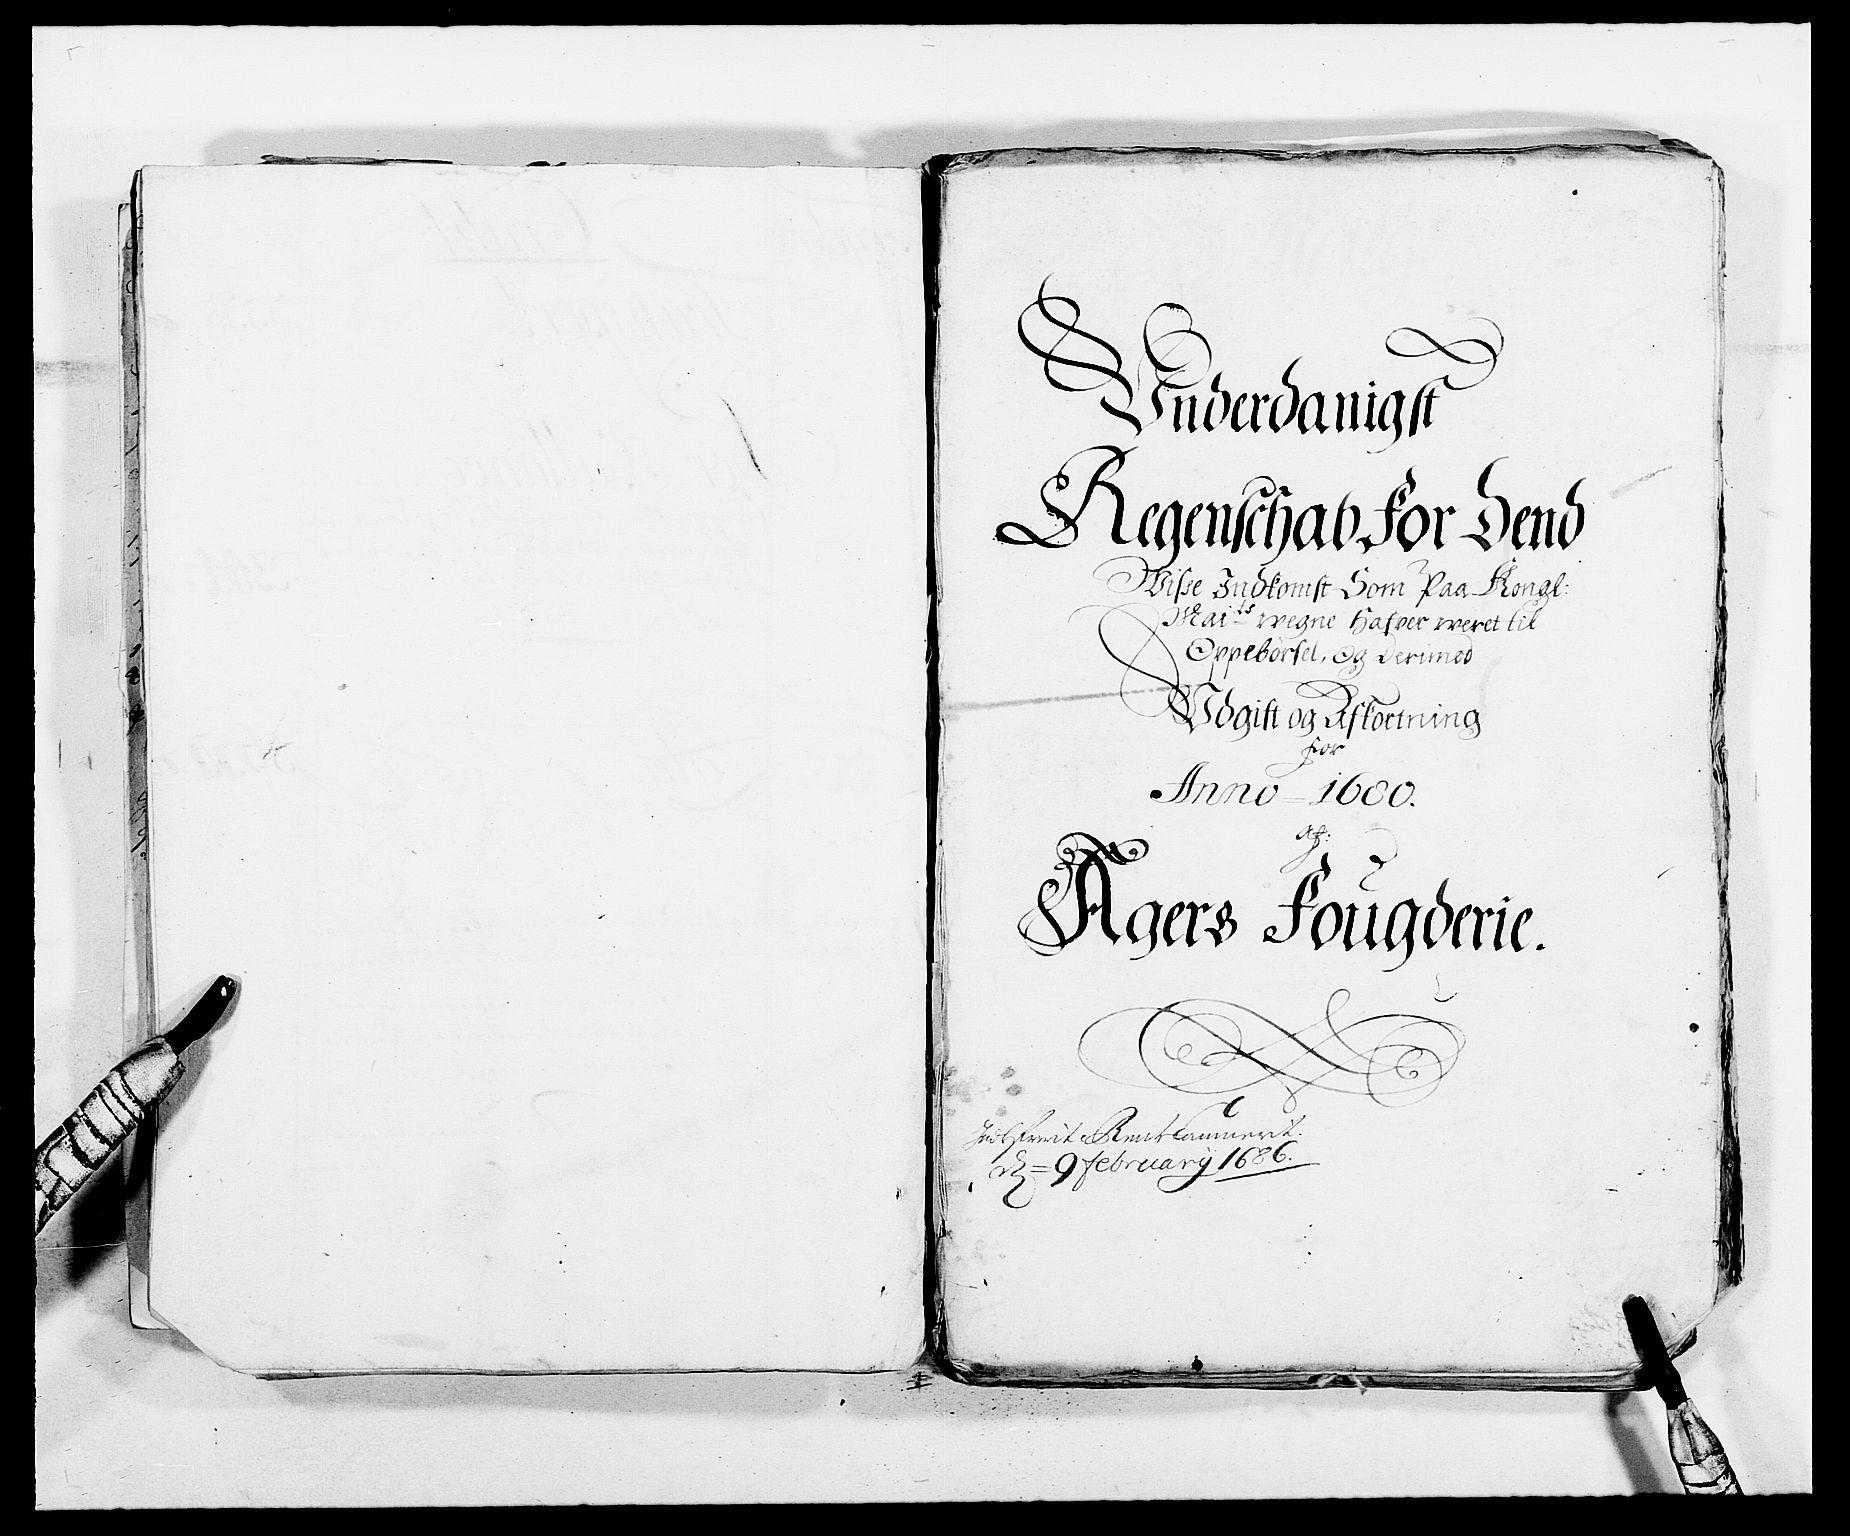 RA, Rentekammeret inntil 1814, Reviderte regnskaper, Fogderegnskap, R08/L0416: Fogderegnskap Aker, 1678-1681, s. 27